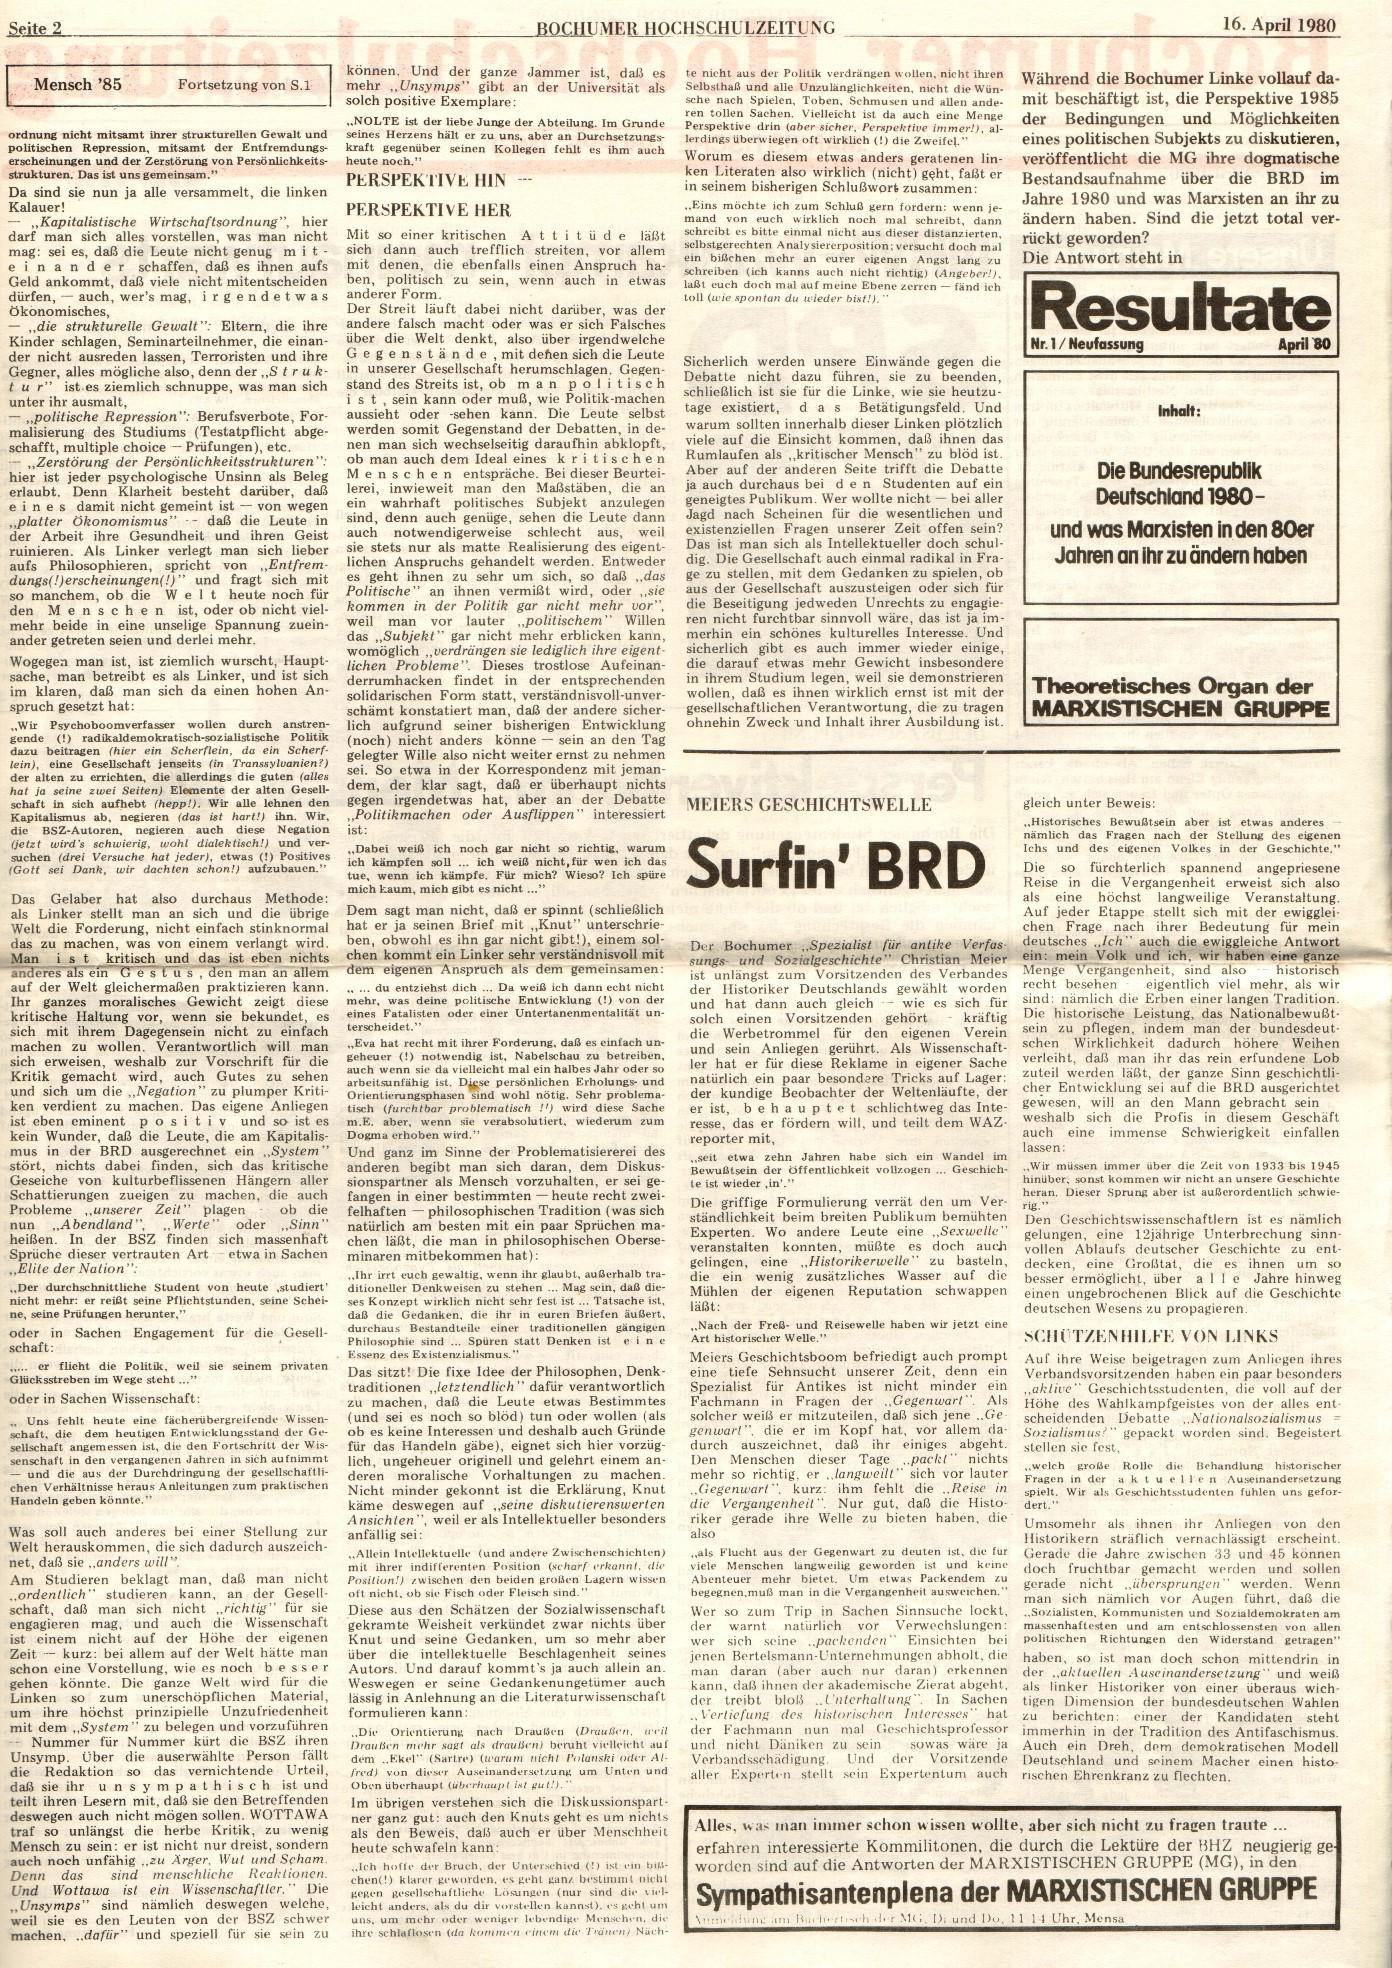 MG_Bochumer_Hochschulzeitung_19800416_02